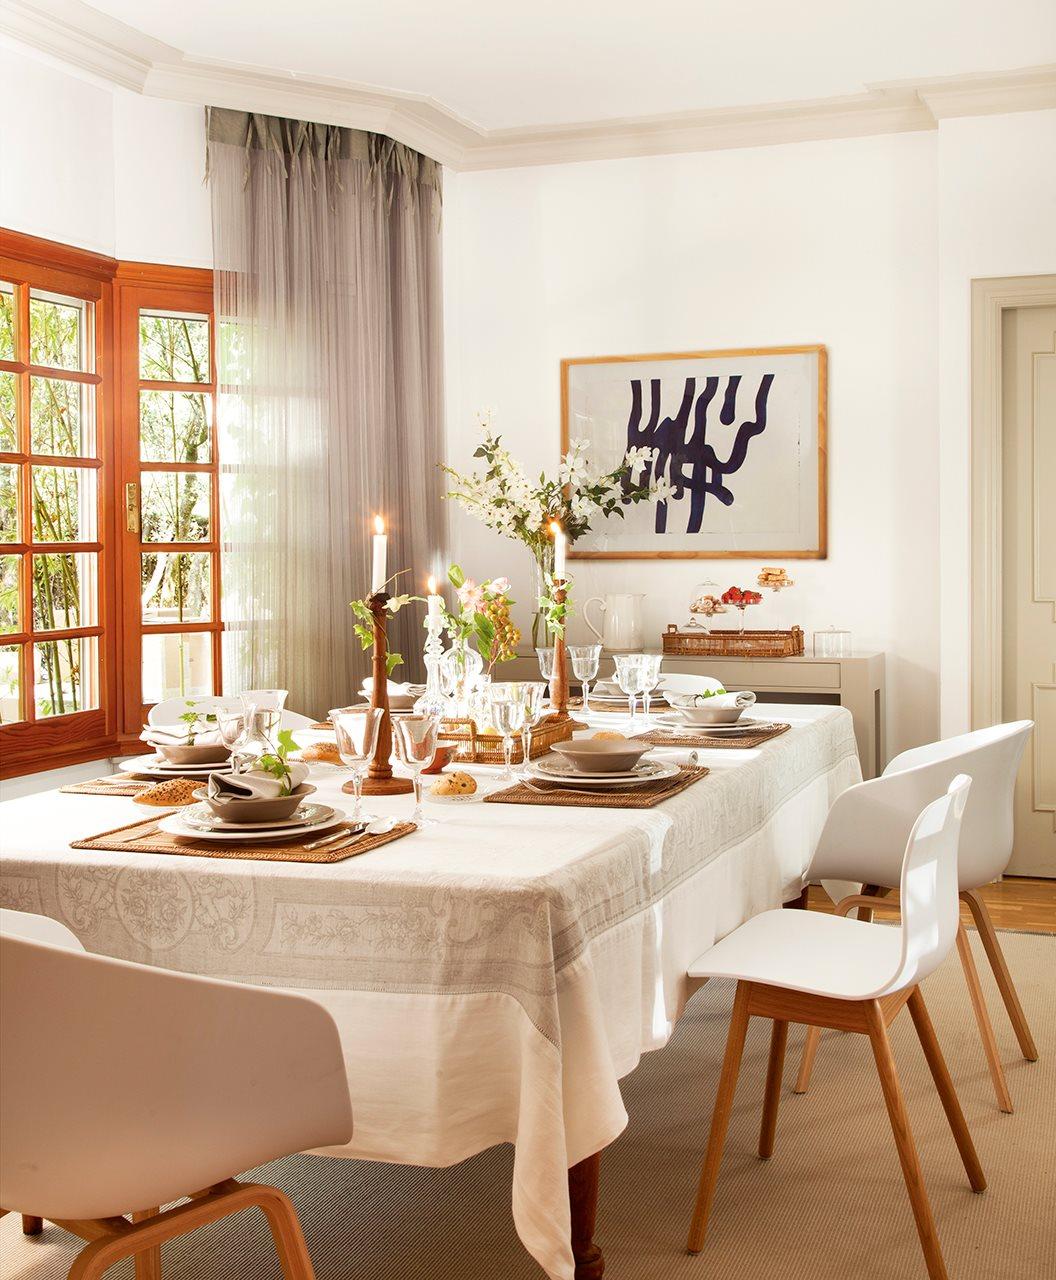 Consigue el comedor perfecto - Centros de mesa de comedor originales ...